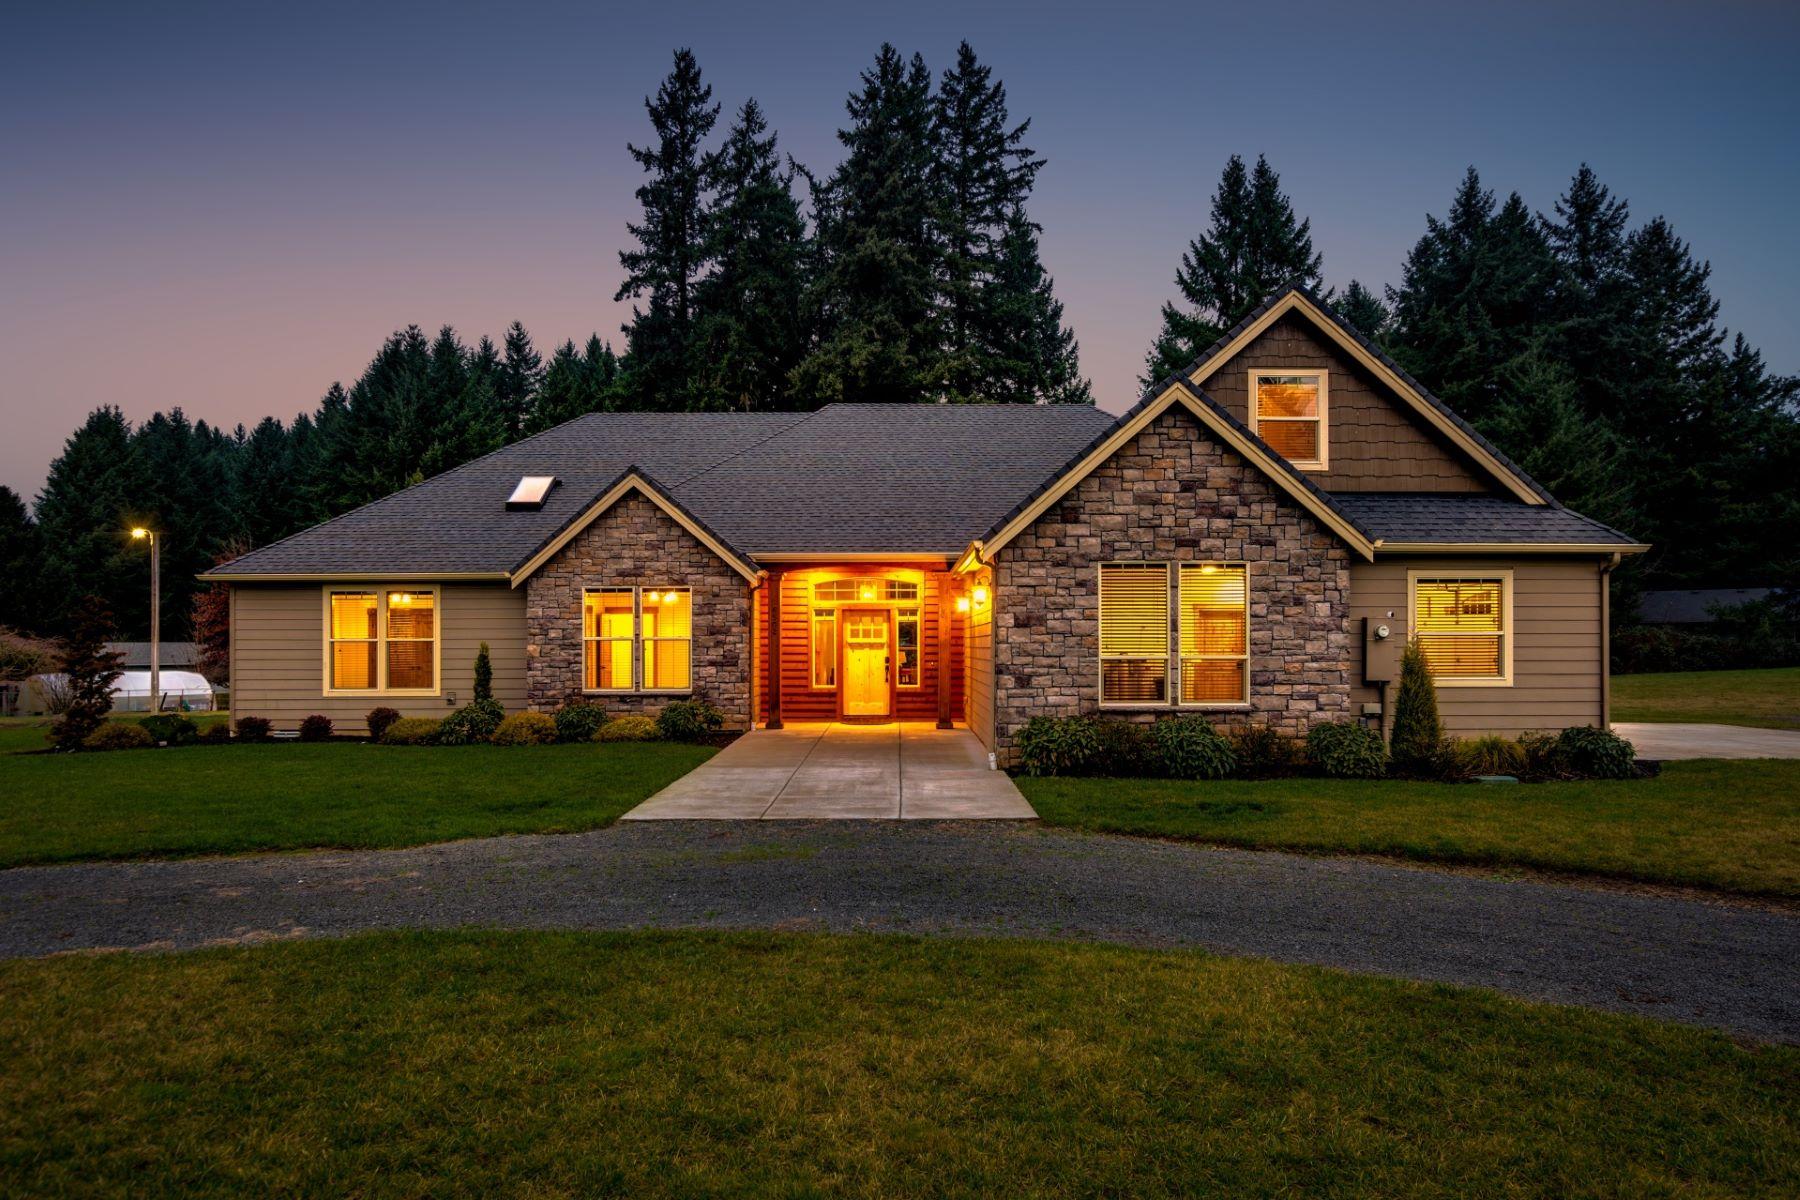 Other Residential Homes vì Bán tại 6502 NE 124TH ST Vancouver, WA 98686 Vancouver, Washington 98686 Hoa Kỳ